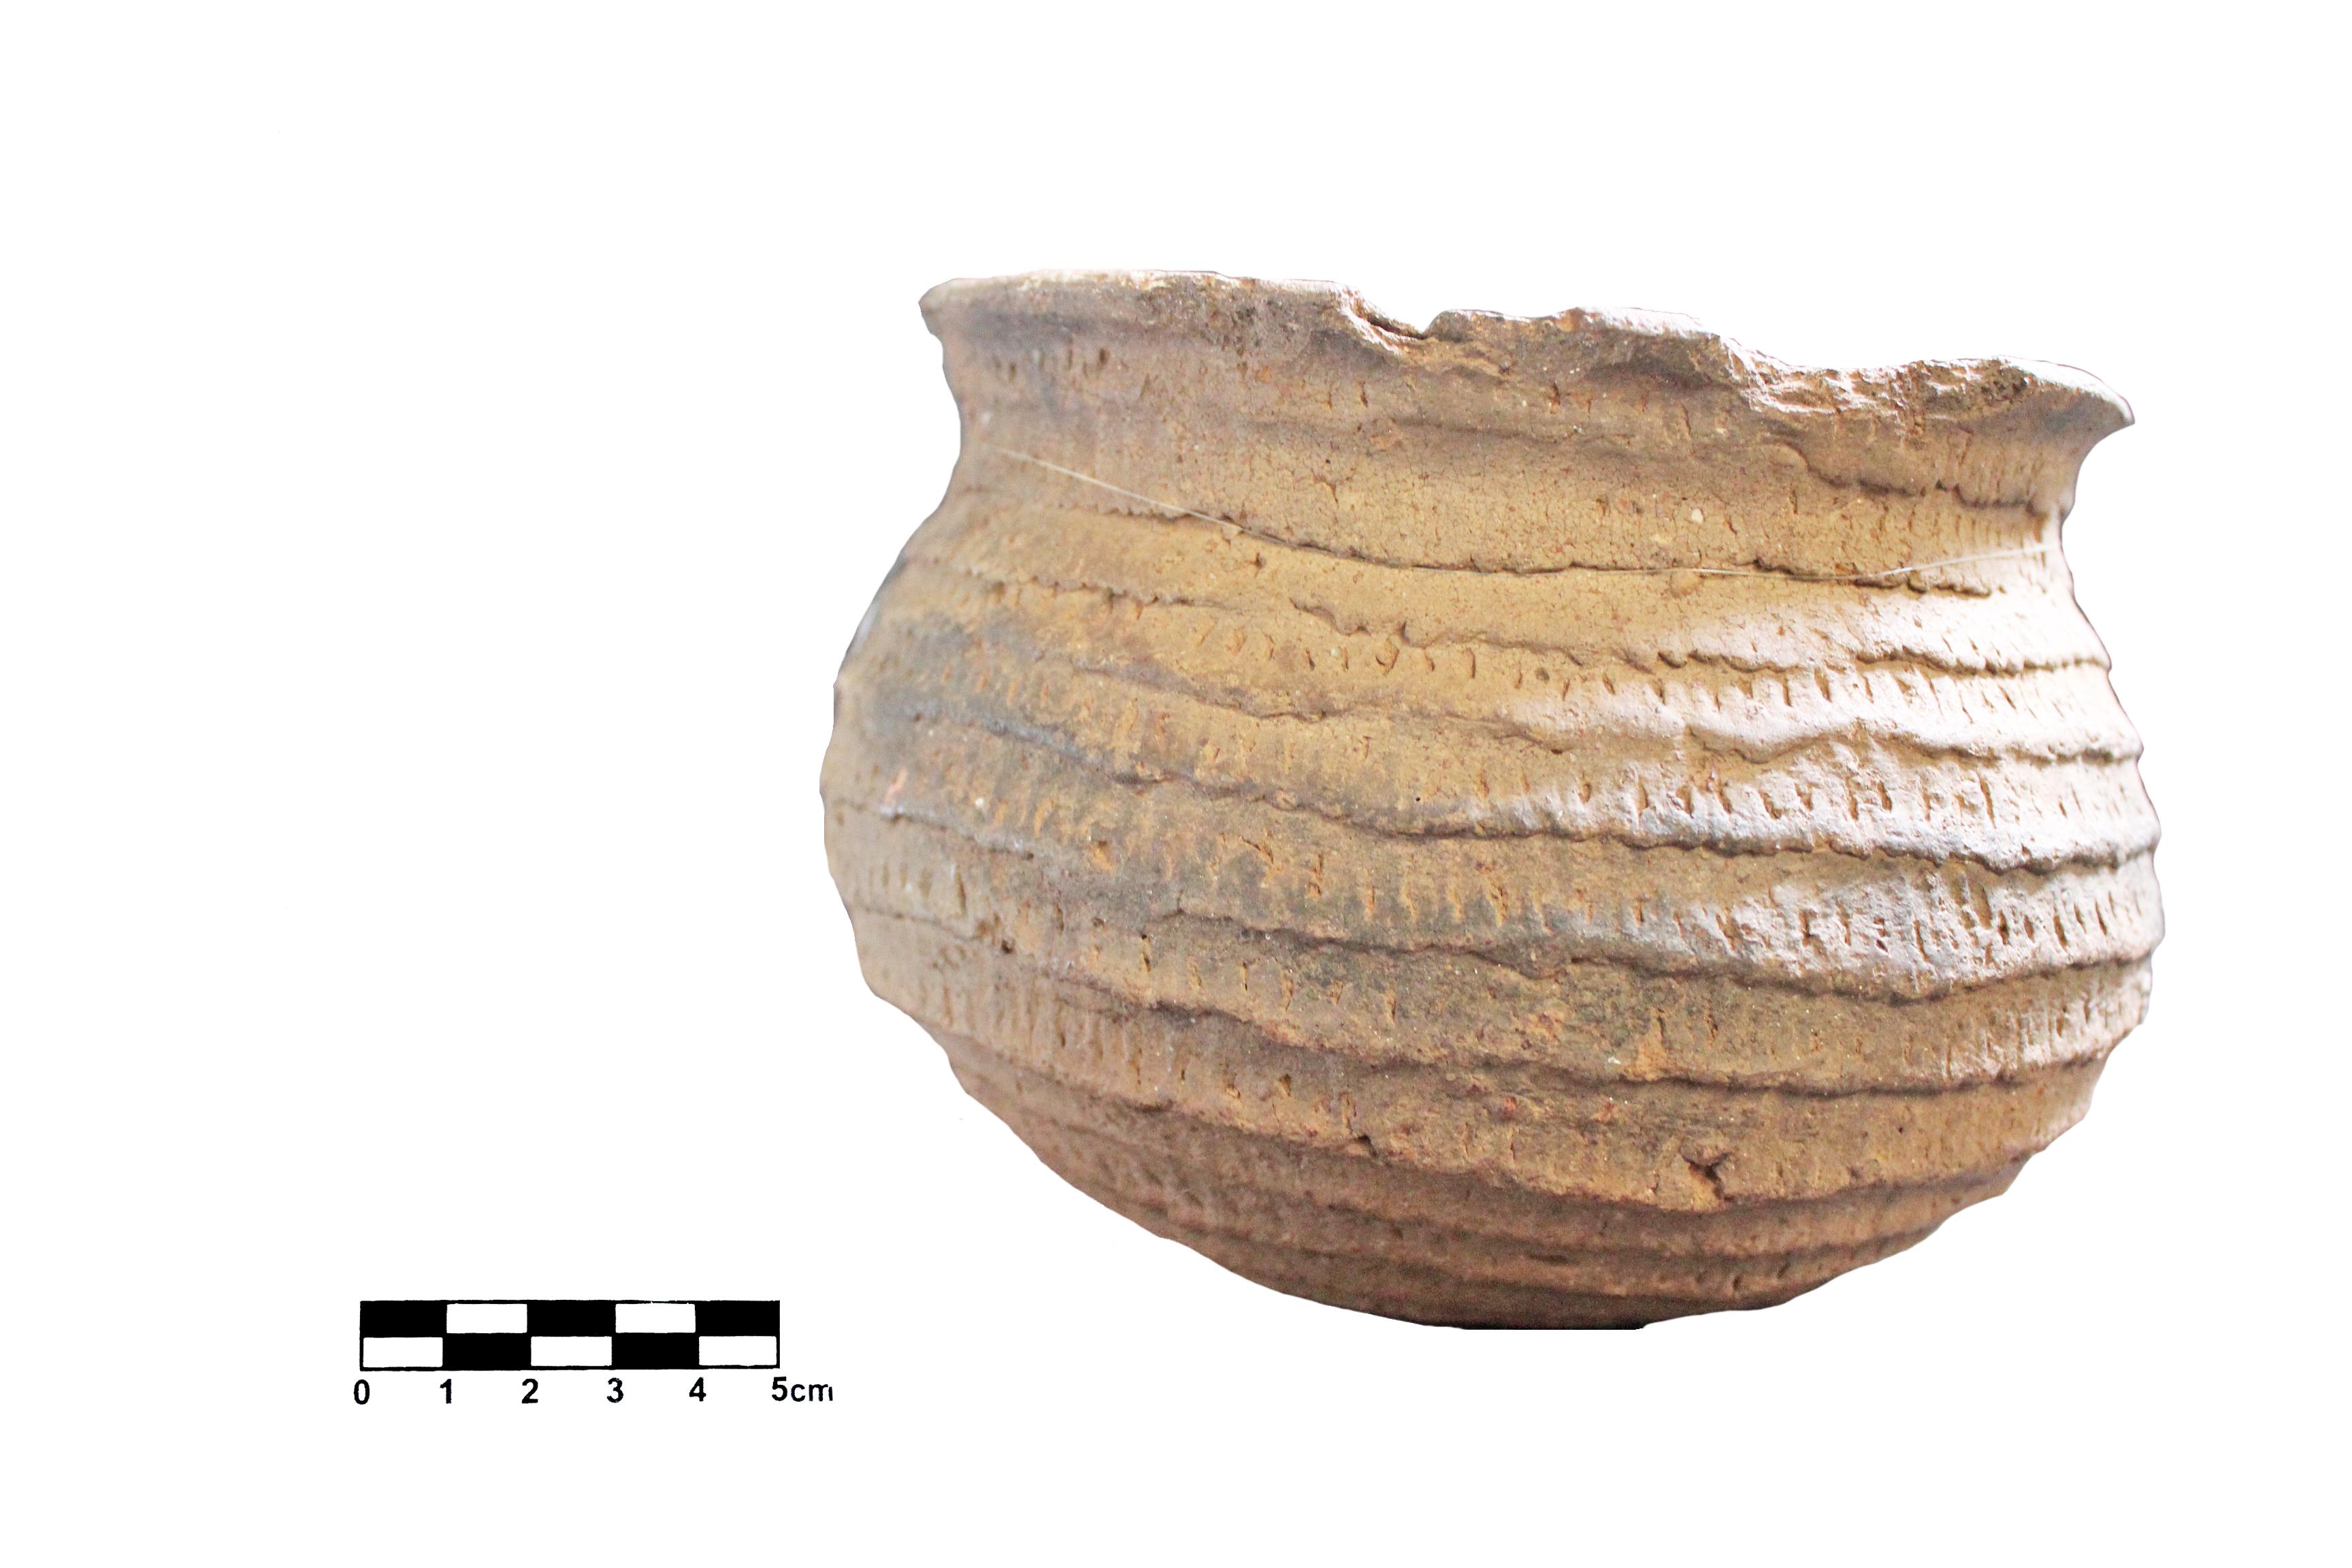 Museu Histórico Celso F. Sperança